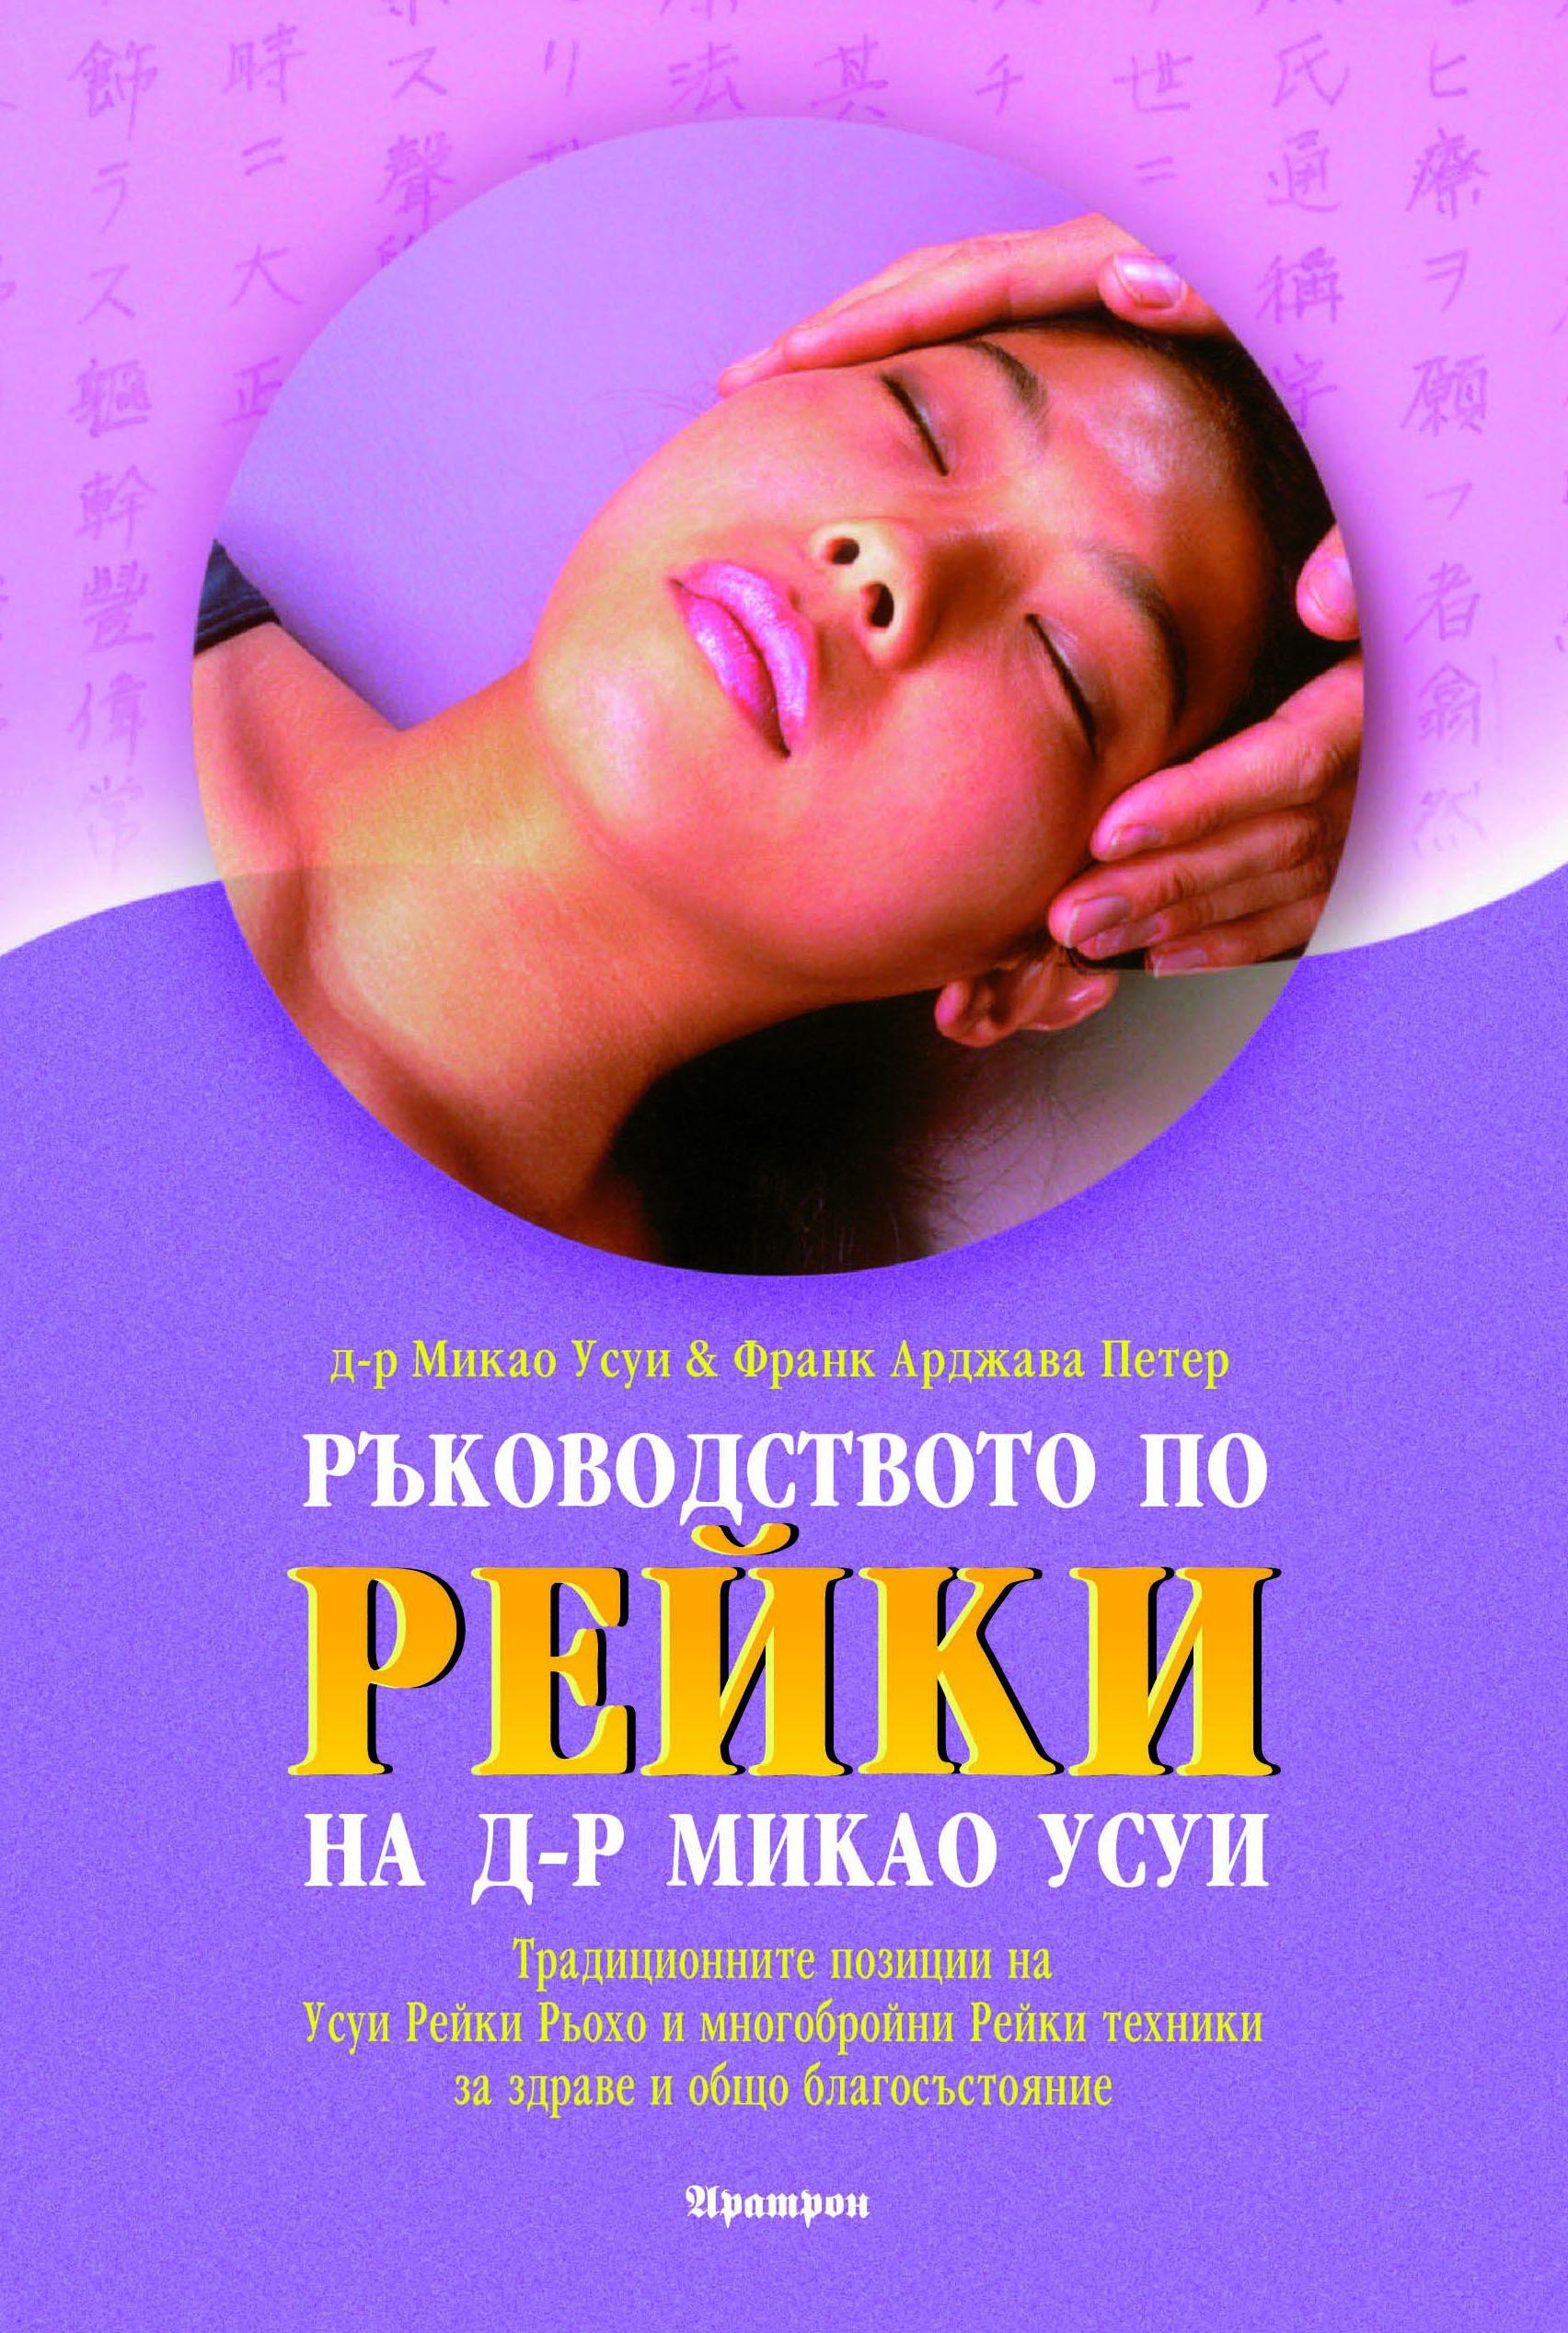 rukovodstvoto-po-rejki-na-dr-miako-usui - 1